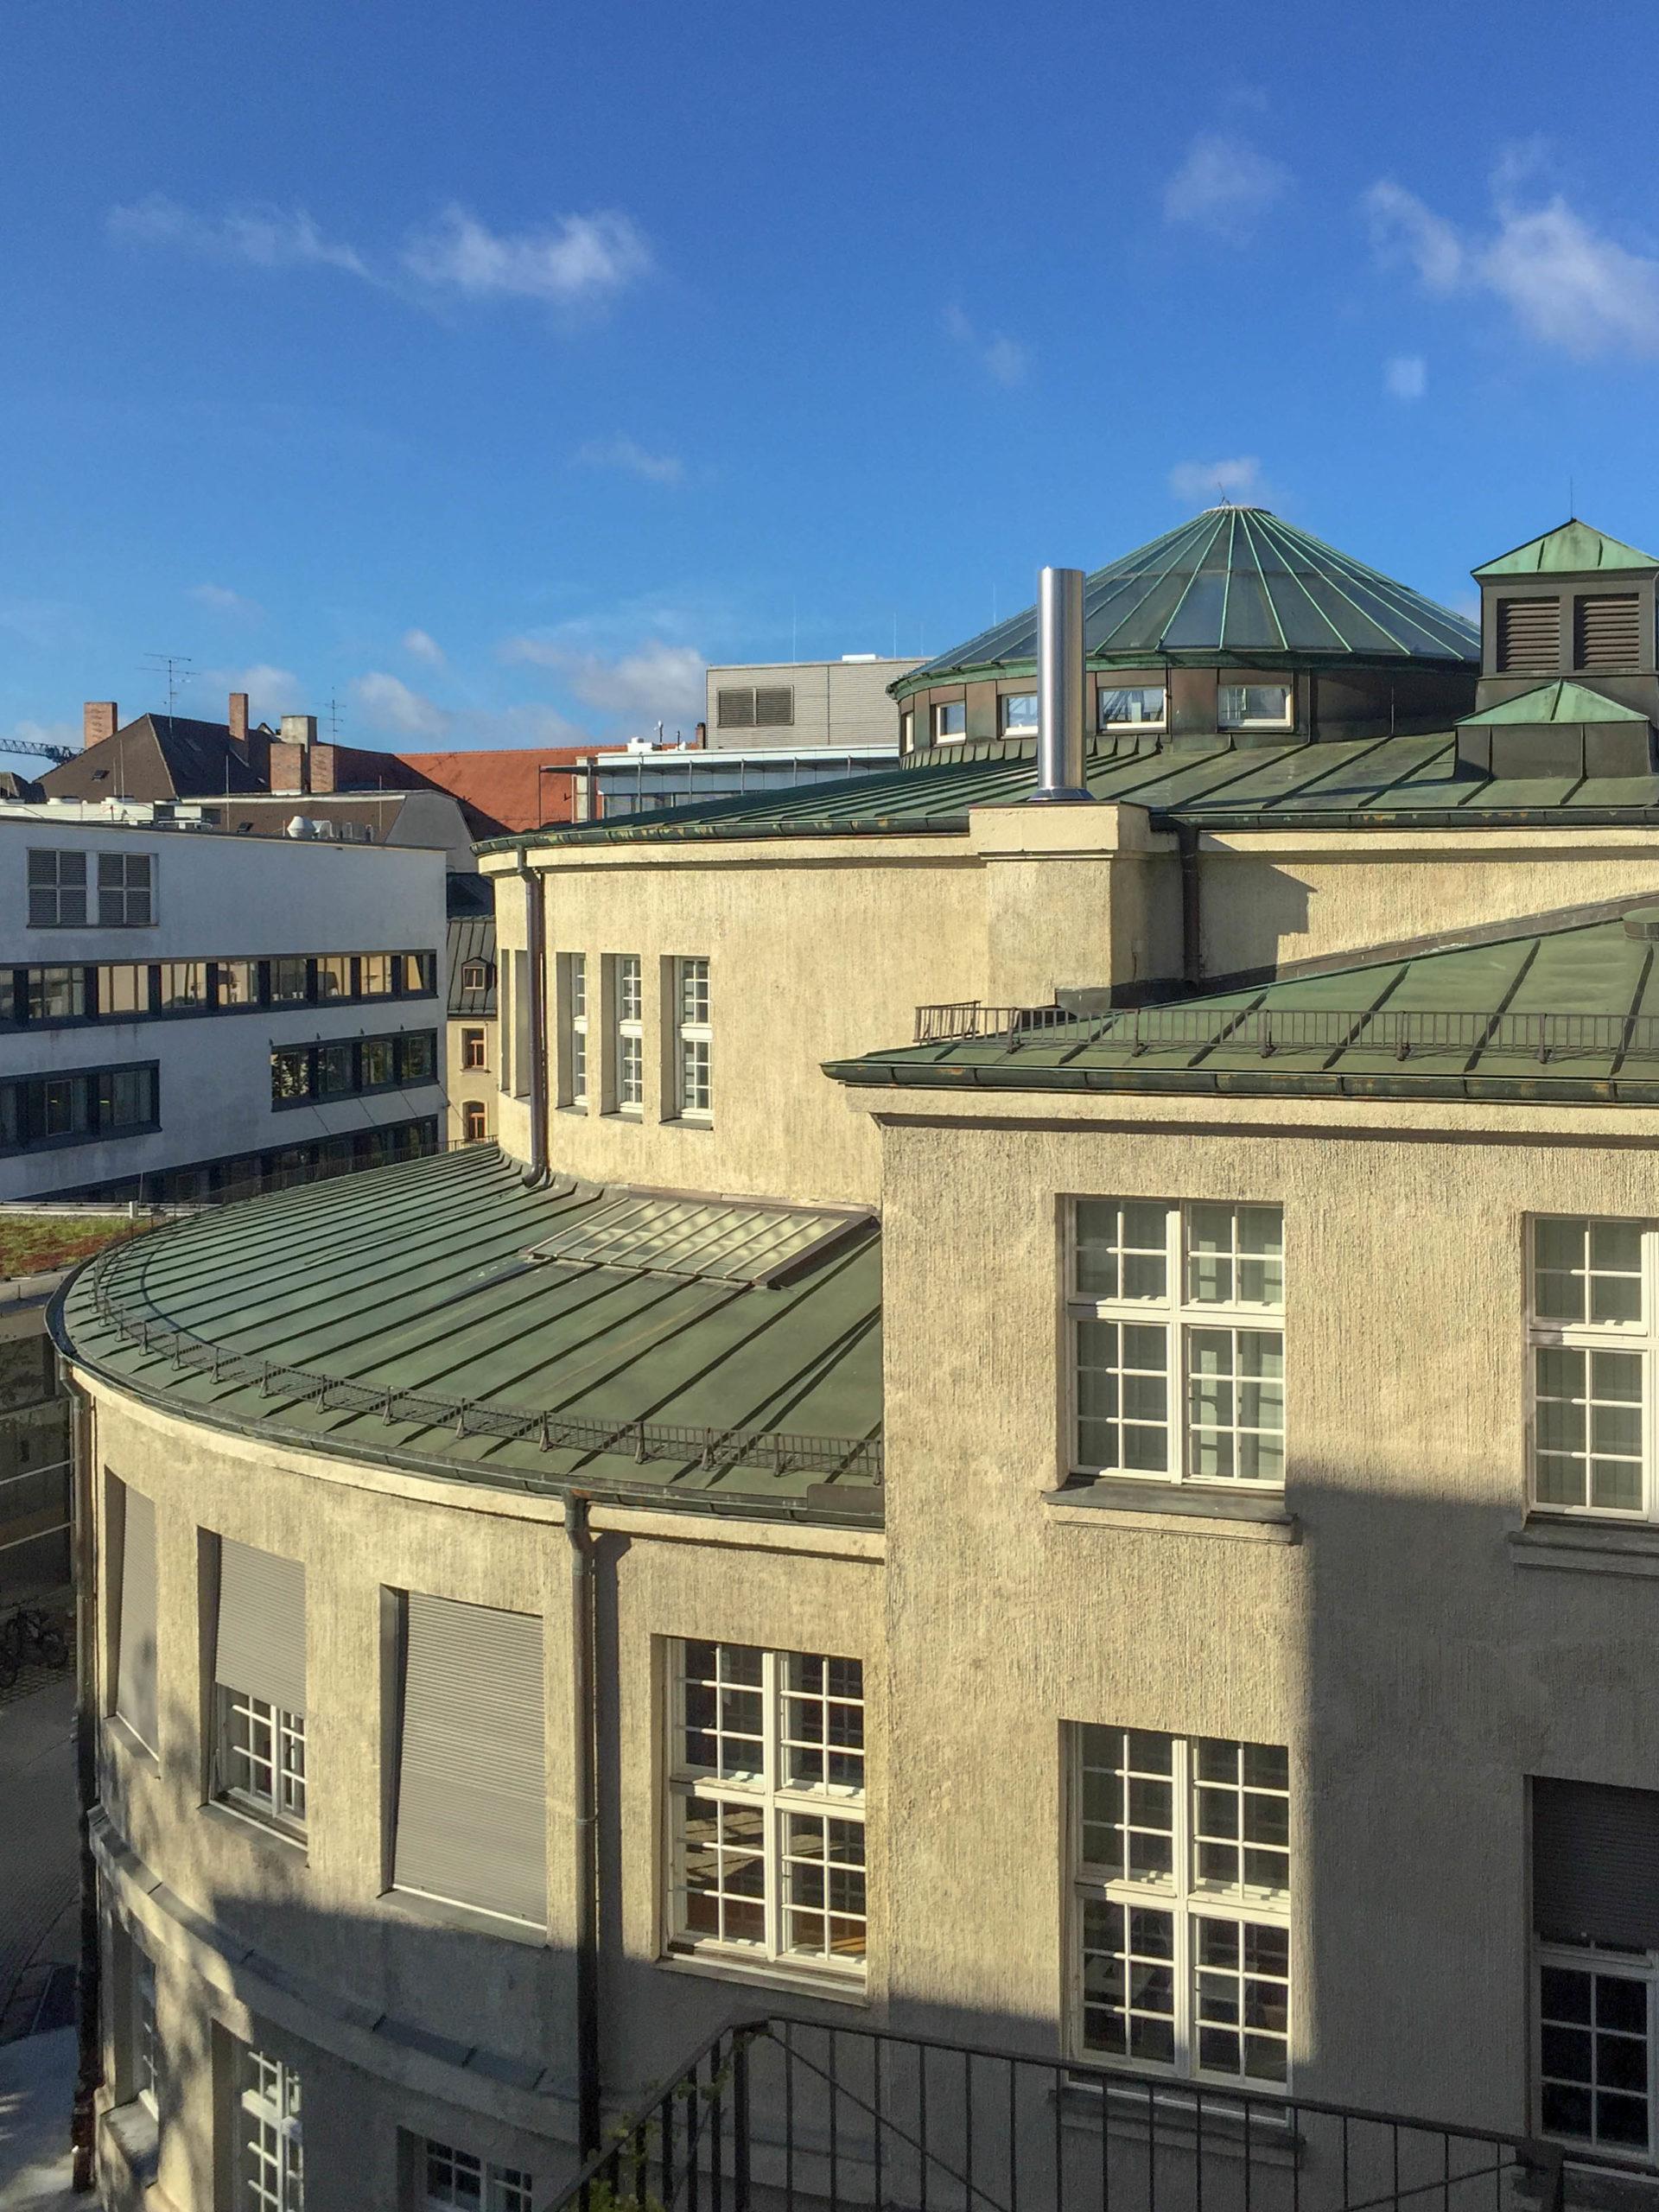 Anatomische Anstalt der Ludwig-Maximilians-Universität, 1905-1907. Architekt: Max Littmann